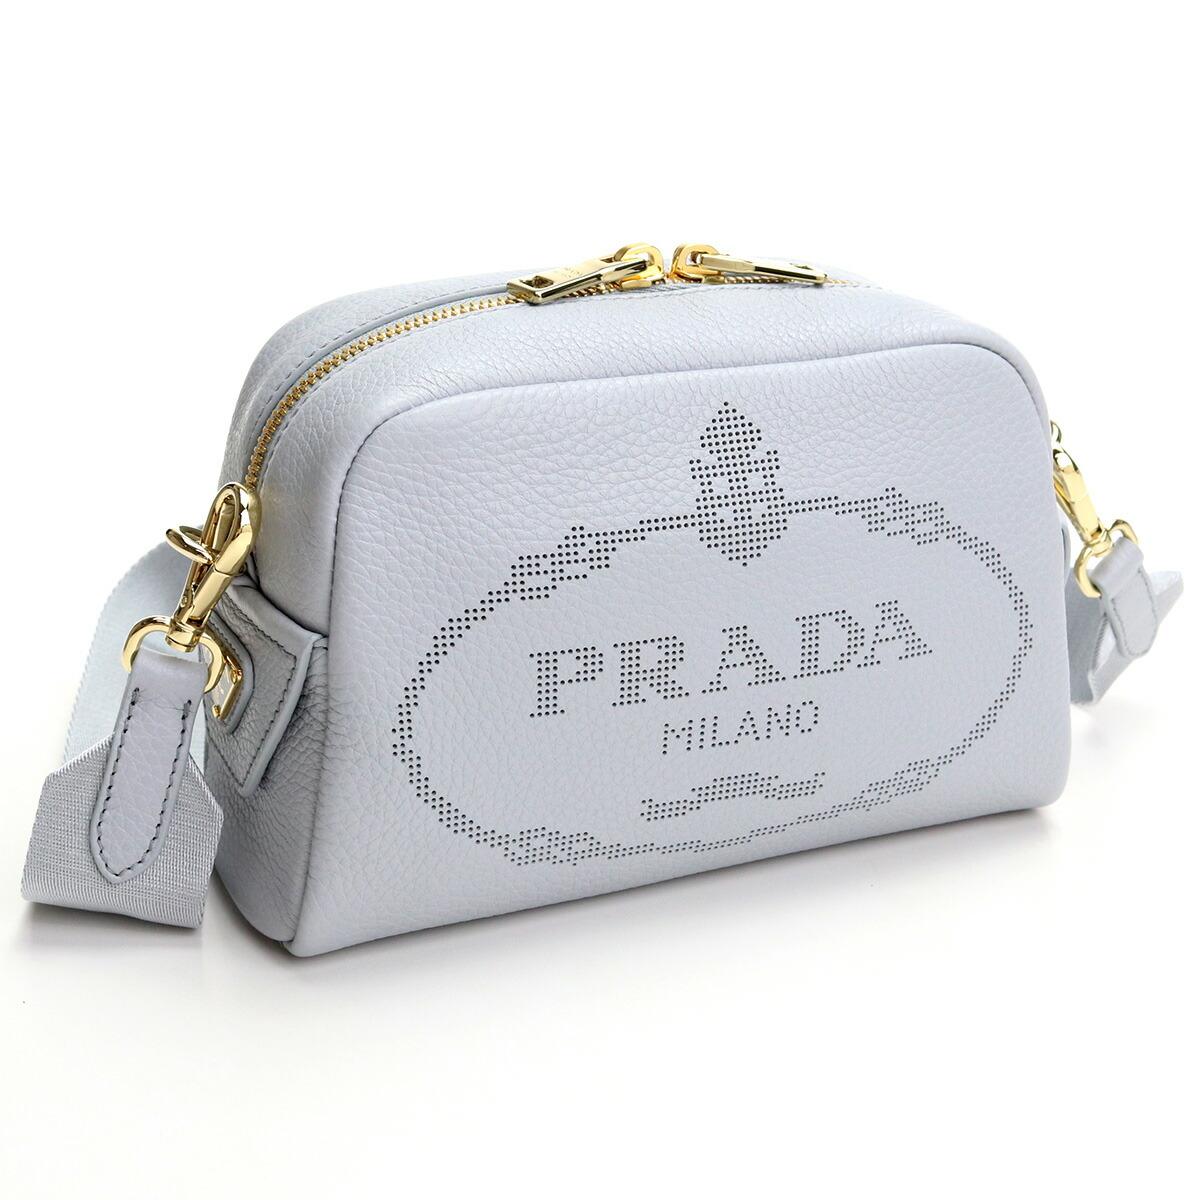 プラダ PRADA  斜め掛け ショルダーバッグ 1BH187 2DKV V OLO F0591 FIORDALISO グレー系 bag-01